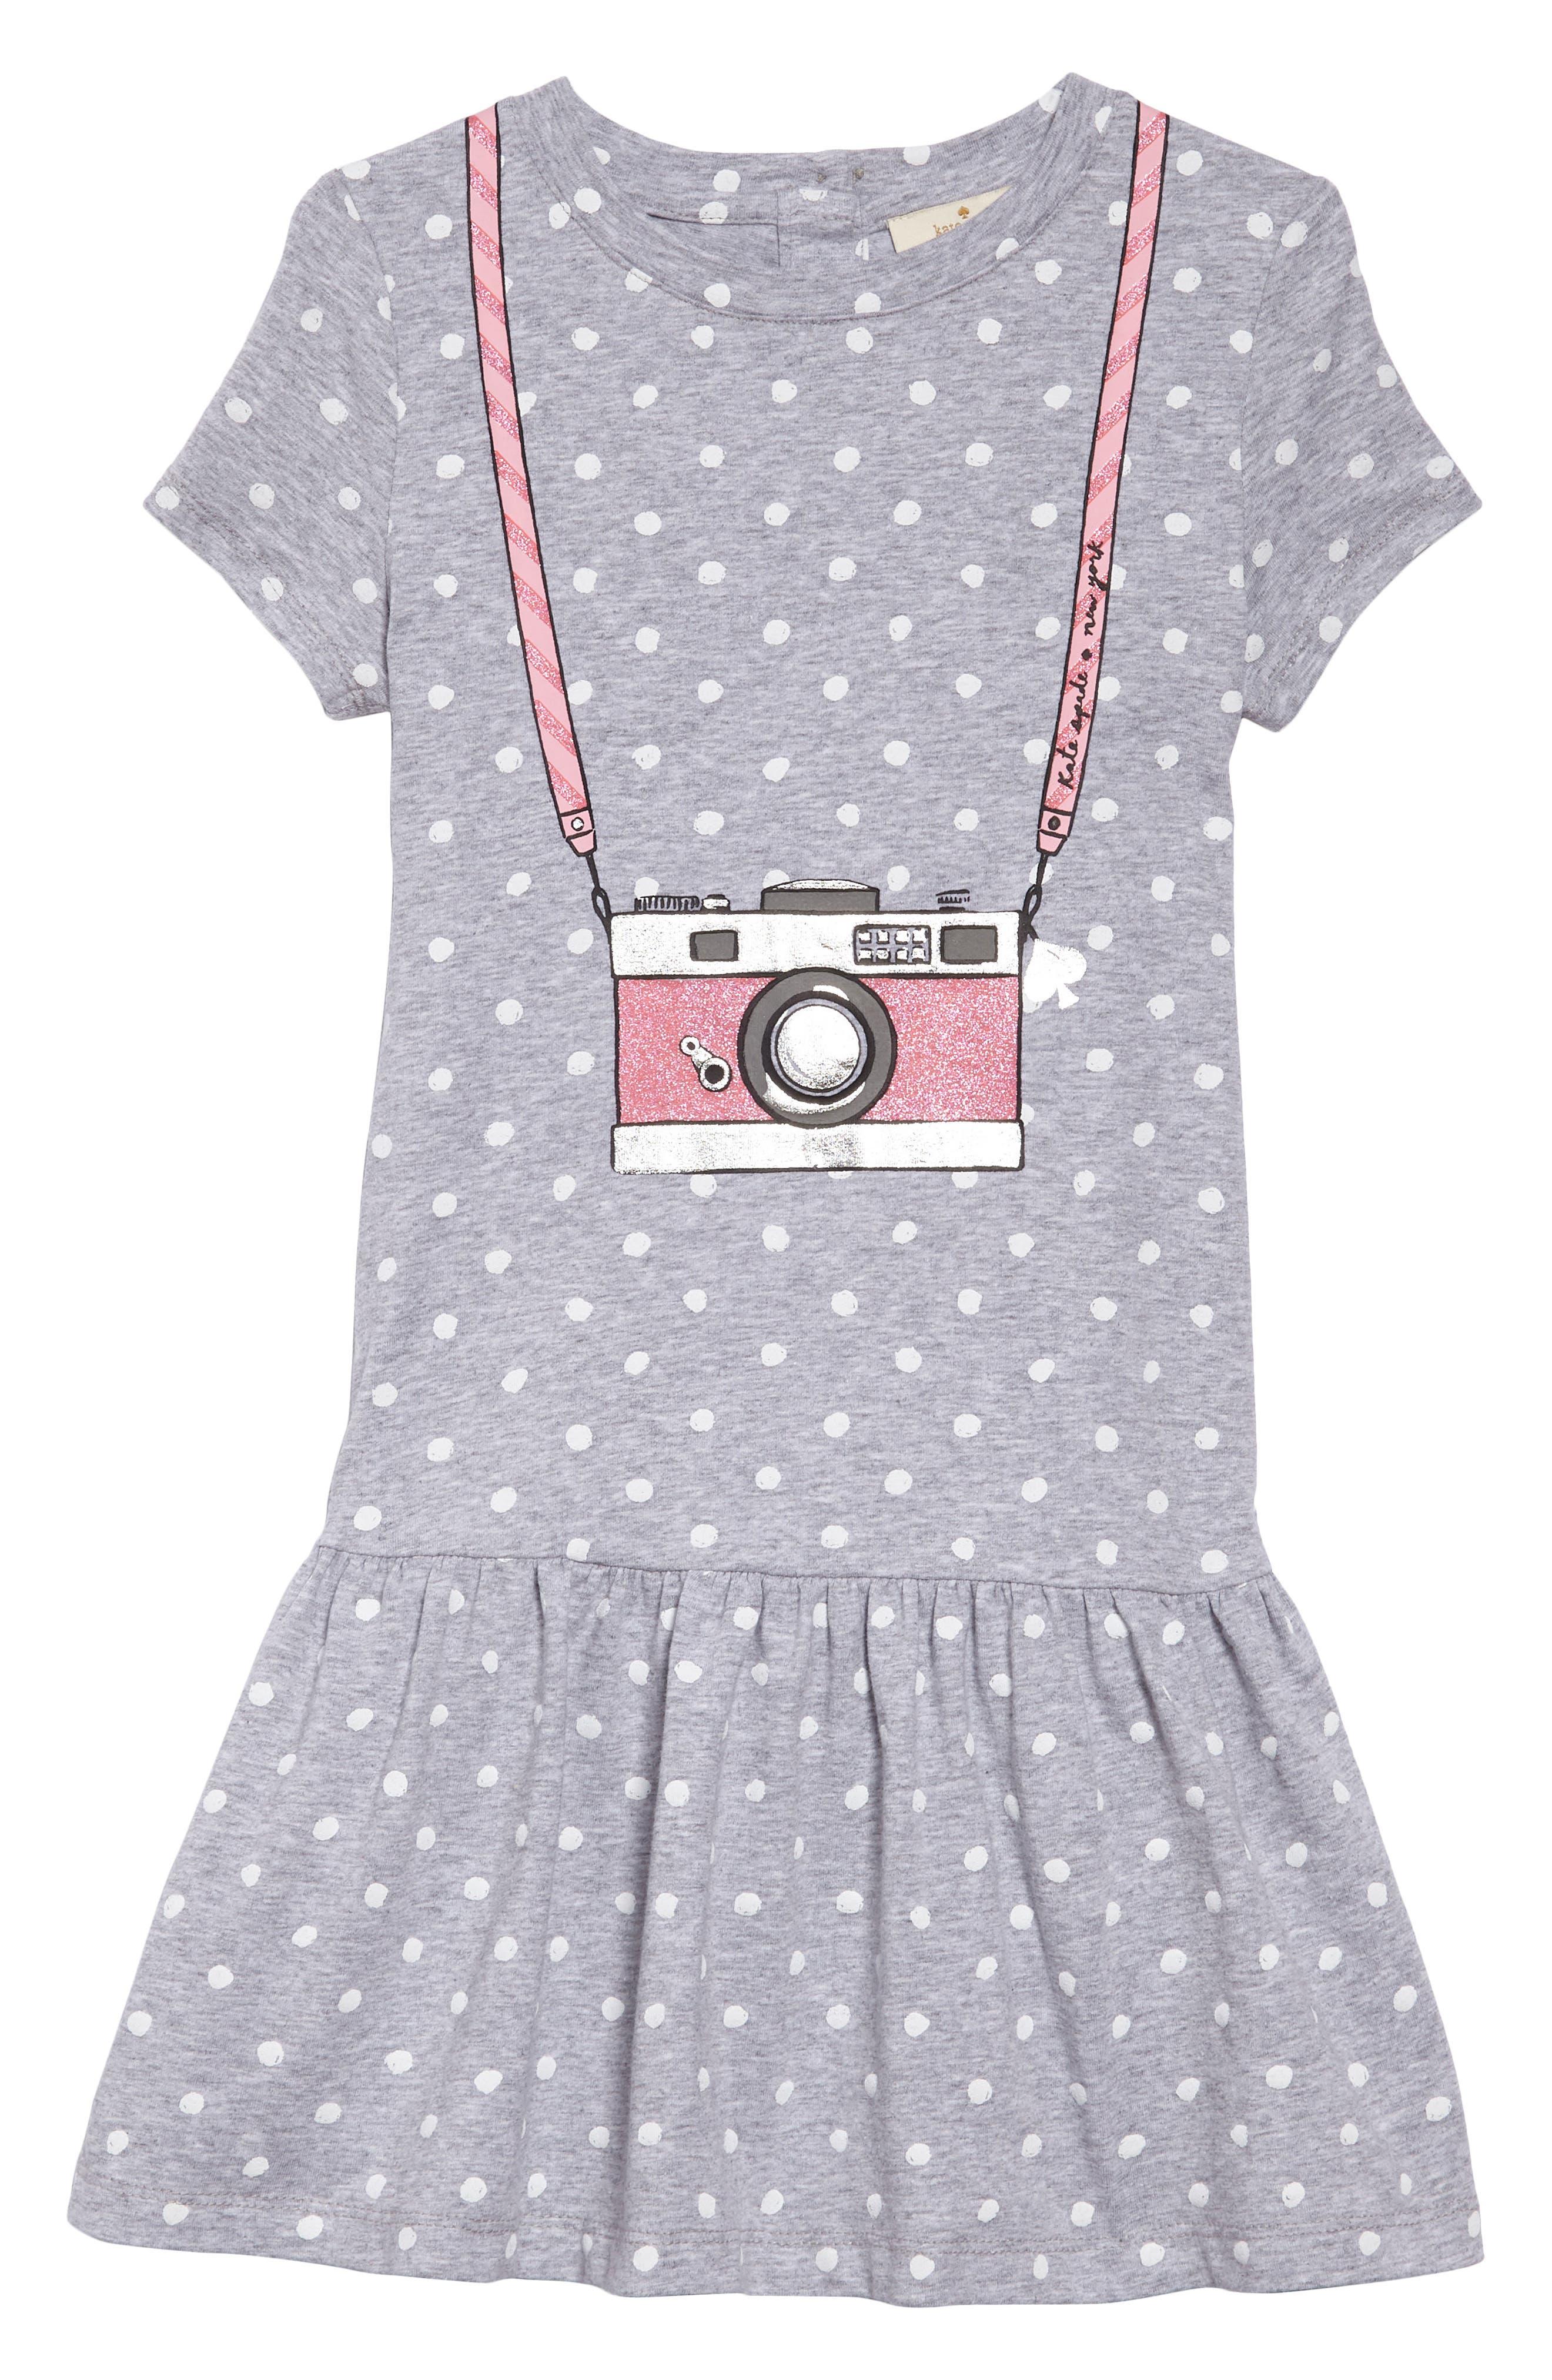 kate spade new york camera polka dot dress (Toddler Girls & Little Girls)